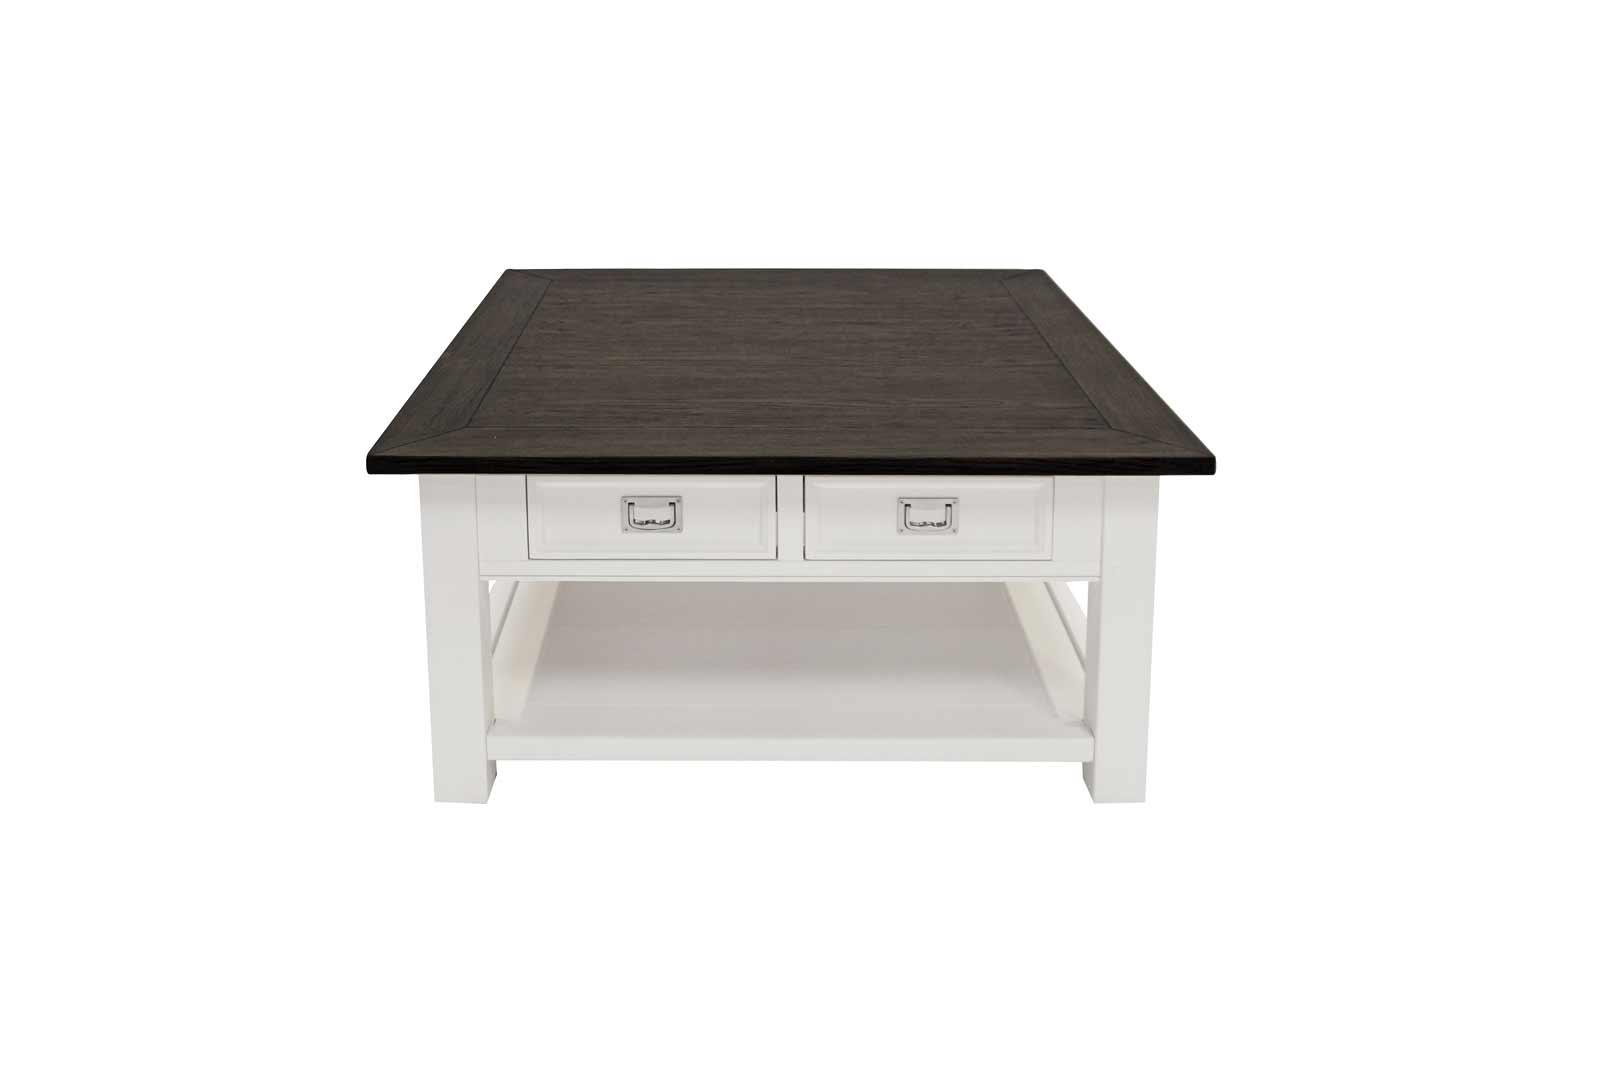 billige sofaborde online kirkland signaturetm soft gray bolstered sofa pet bed kob skagen sofabord 4 skuf billigt pa tilbud se pris